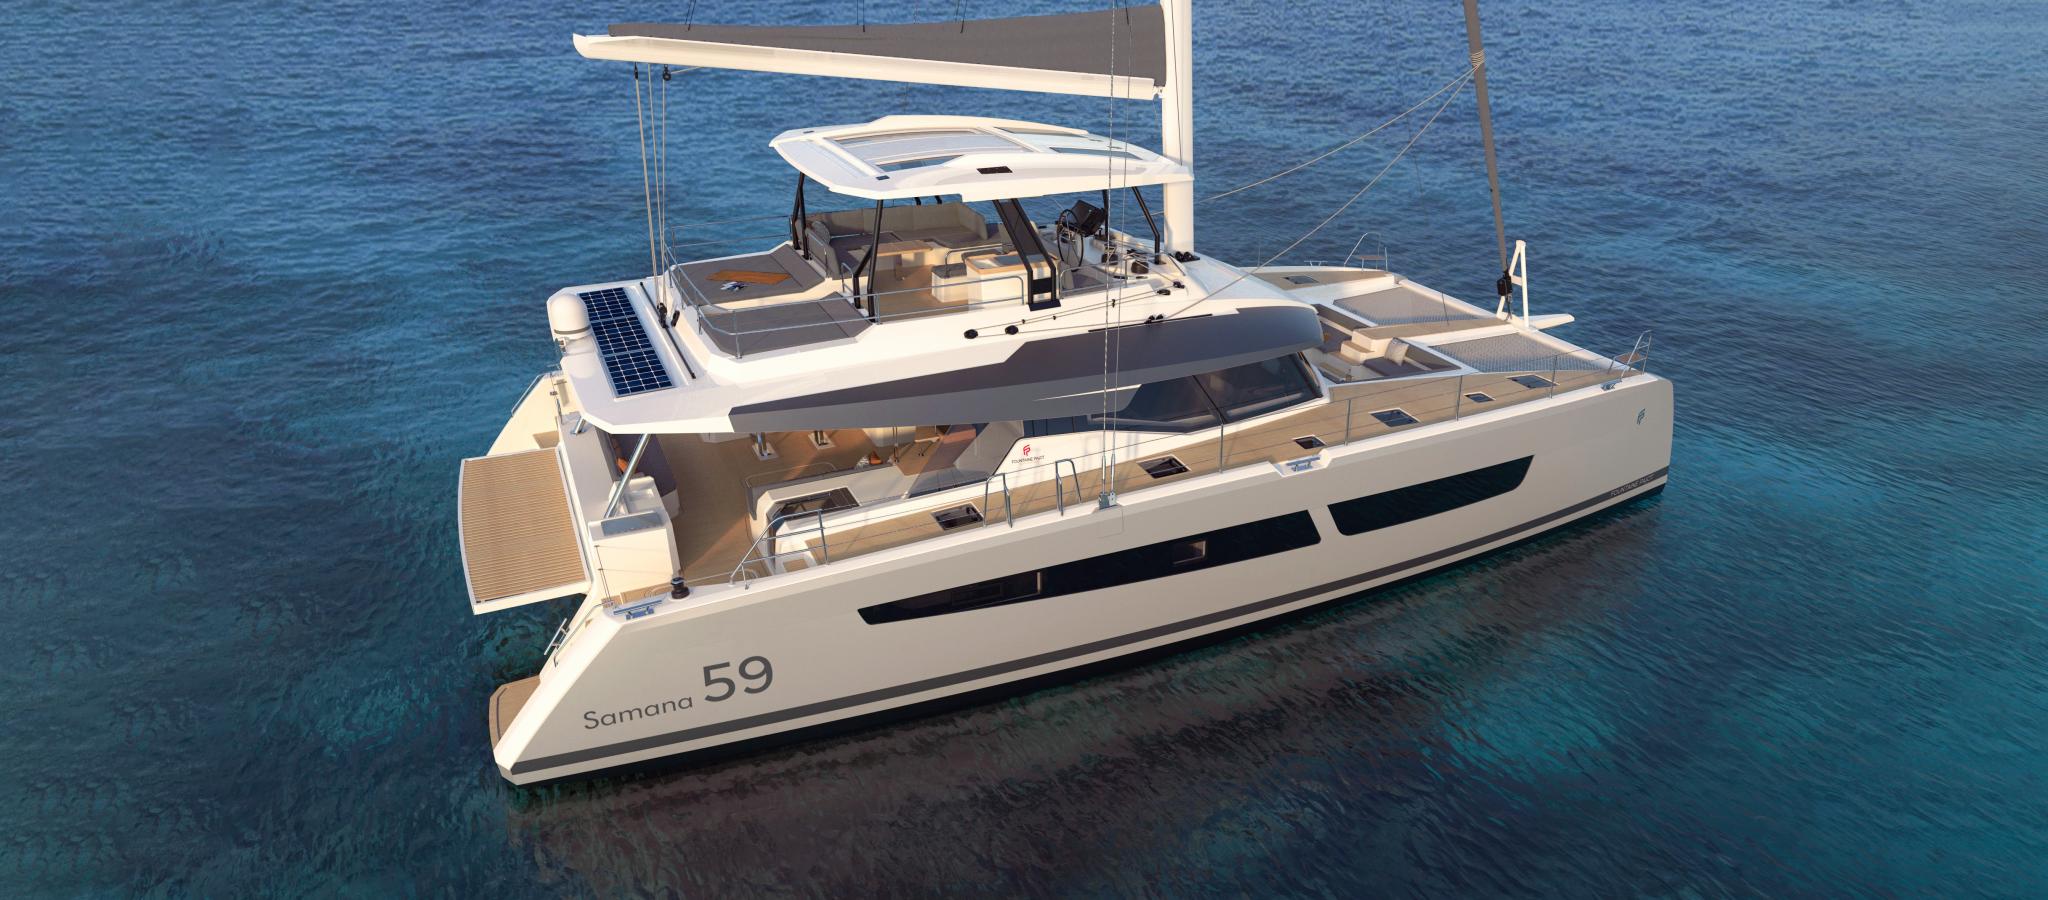 Samana-59-Fountaine-Pajot-Sailing-Catamarans-Exteriors-01--8-